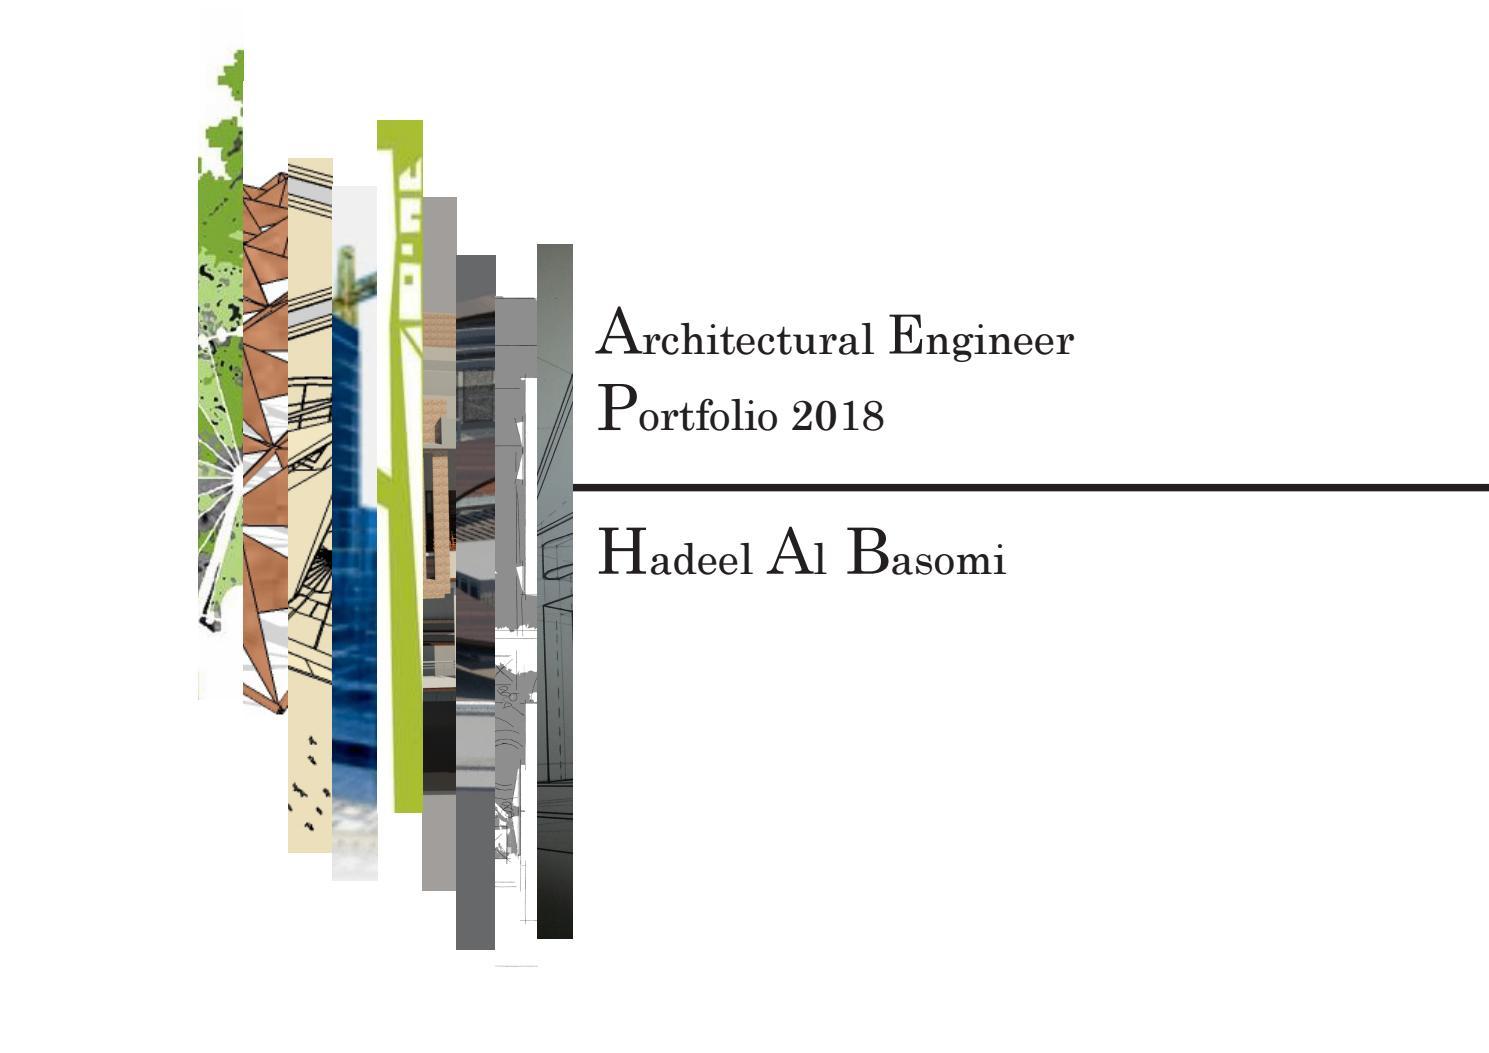 Architect Hadeel Y  Basomi by Hadeell Basomi - issuu